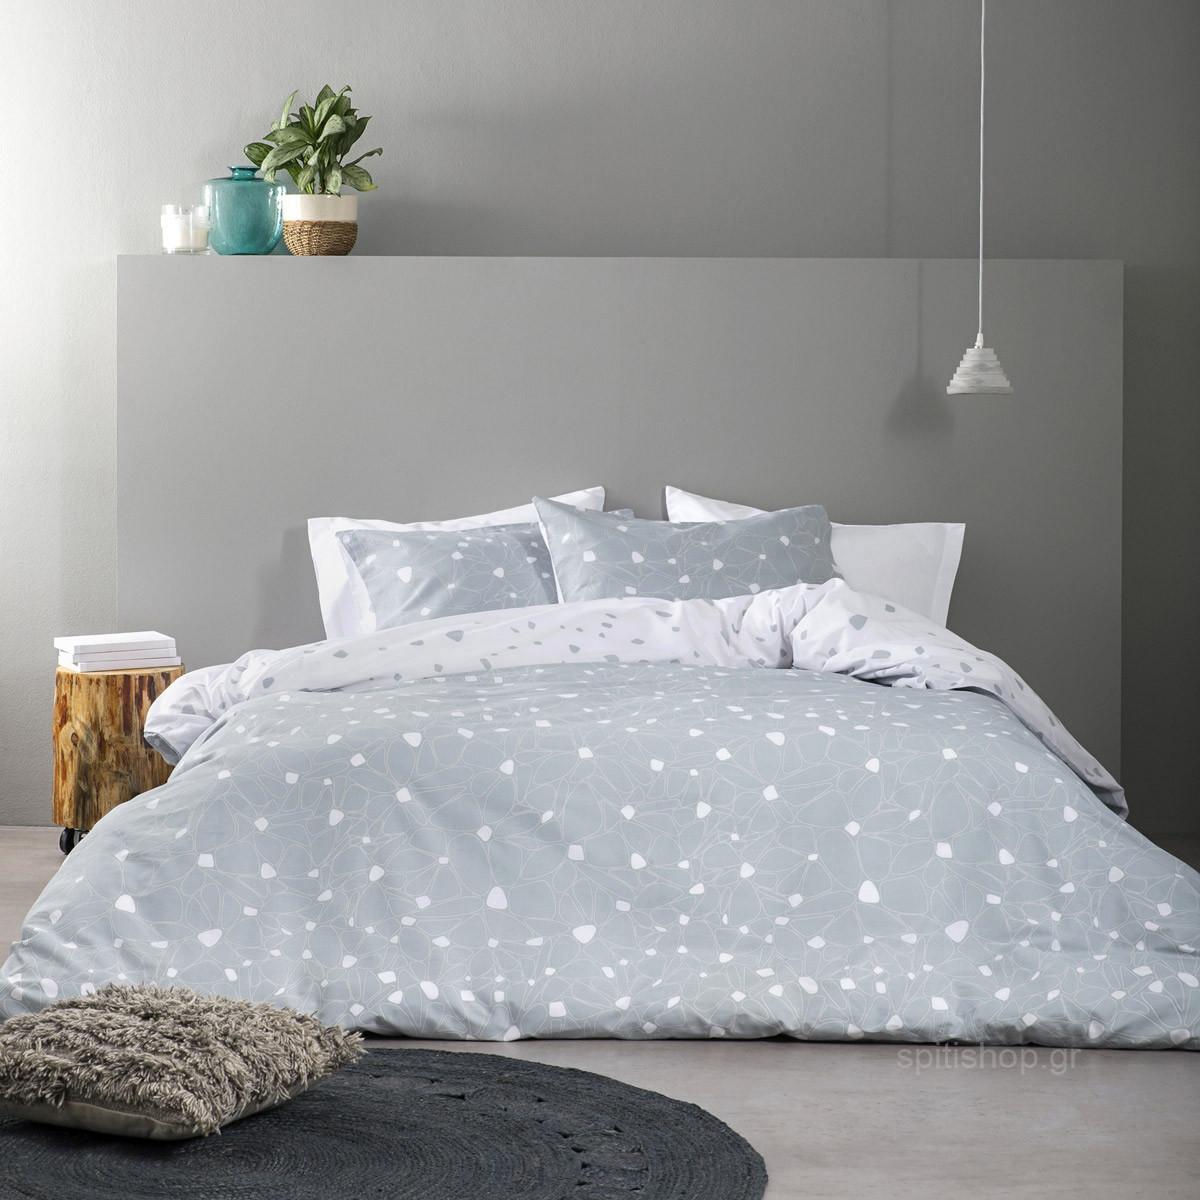 Σεντόνια Υπέρδιπλα (Σετ) Nima Bed Linen Fleur Grey ΜΕ ΛΑΣΤΙΧΟ 160×200+32 ΜΕ ΛΑΣΤΙΧΟ 160×200+32